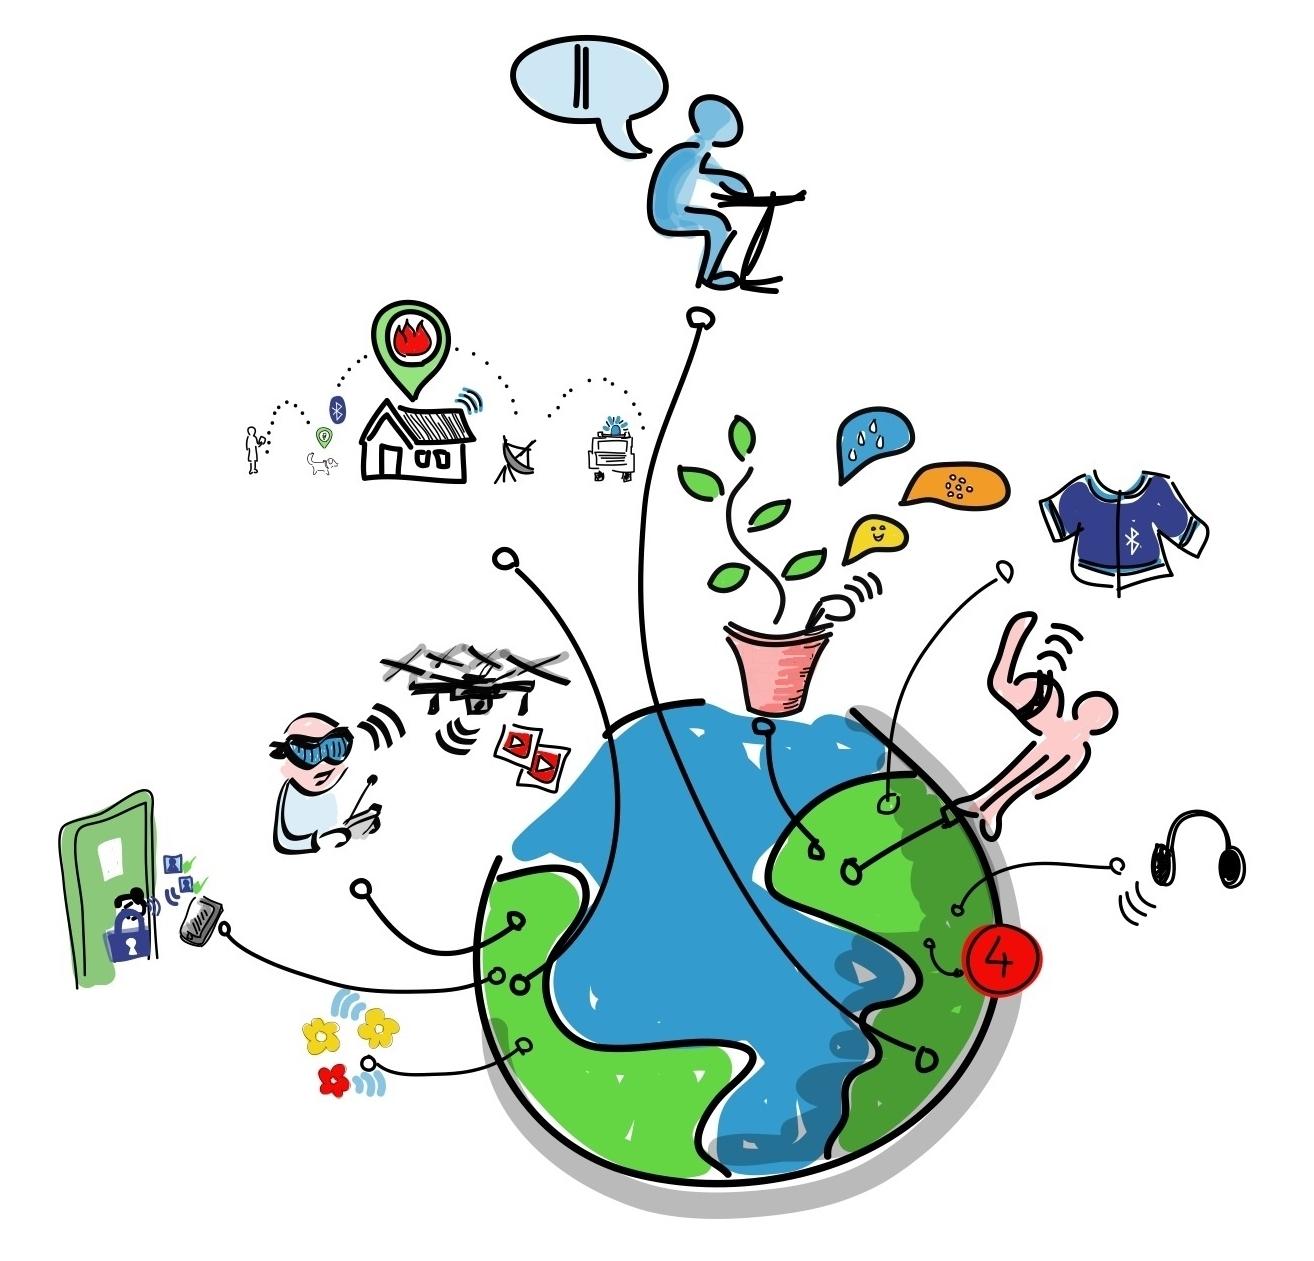 bestmicro, best micro, sklep komputerowy, sklep internetowy, best computer, apple world, apple computer, serwery, macierze, podzespoły, komputer warszawa, podzespoły serwerowe, tanie serwery, rabaty, sklep komputerowy, sklep internetowy, urządzenia sieciowe, Best Micro, konfigurator serwerów, podzespoły serwerowe, sklep z serwerami